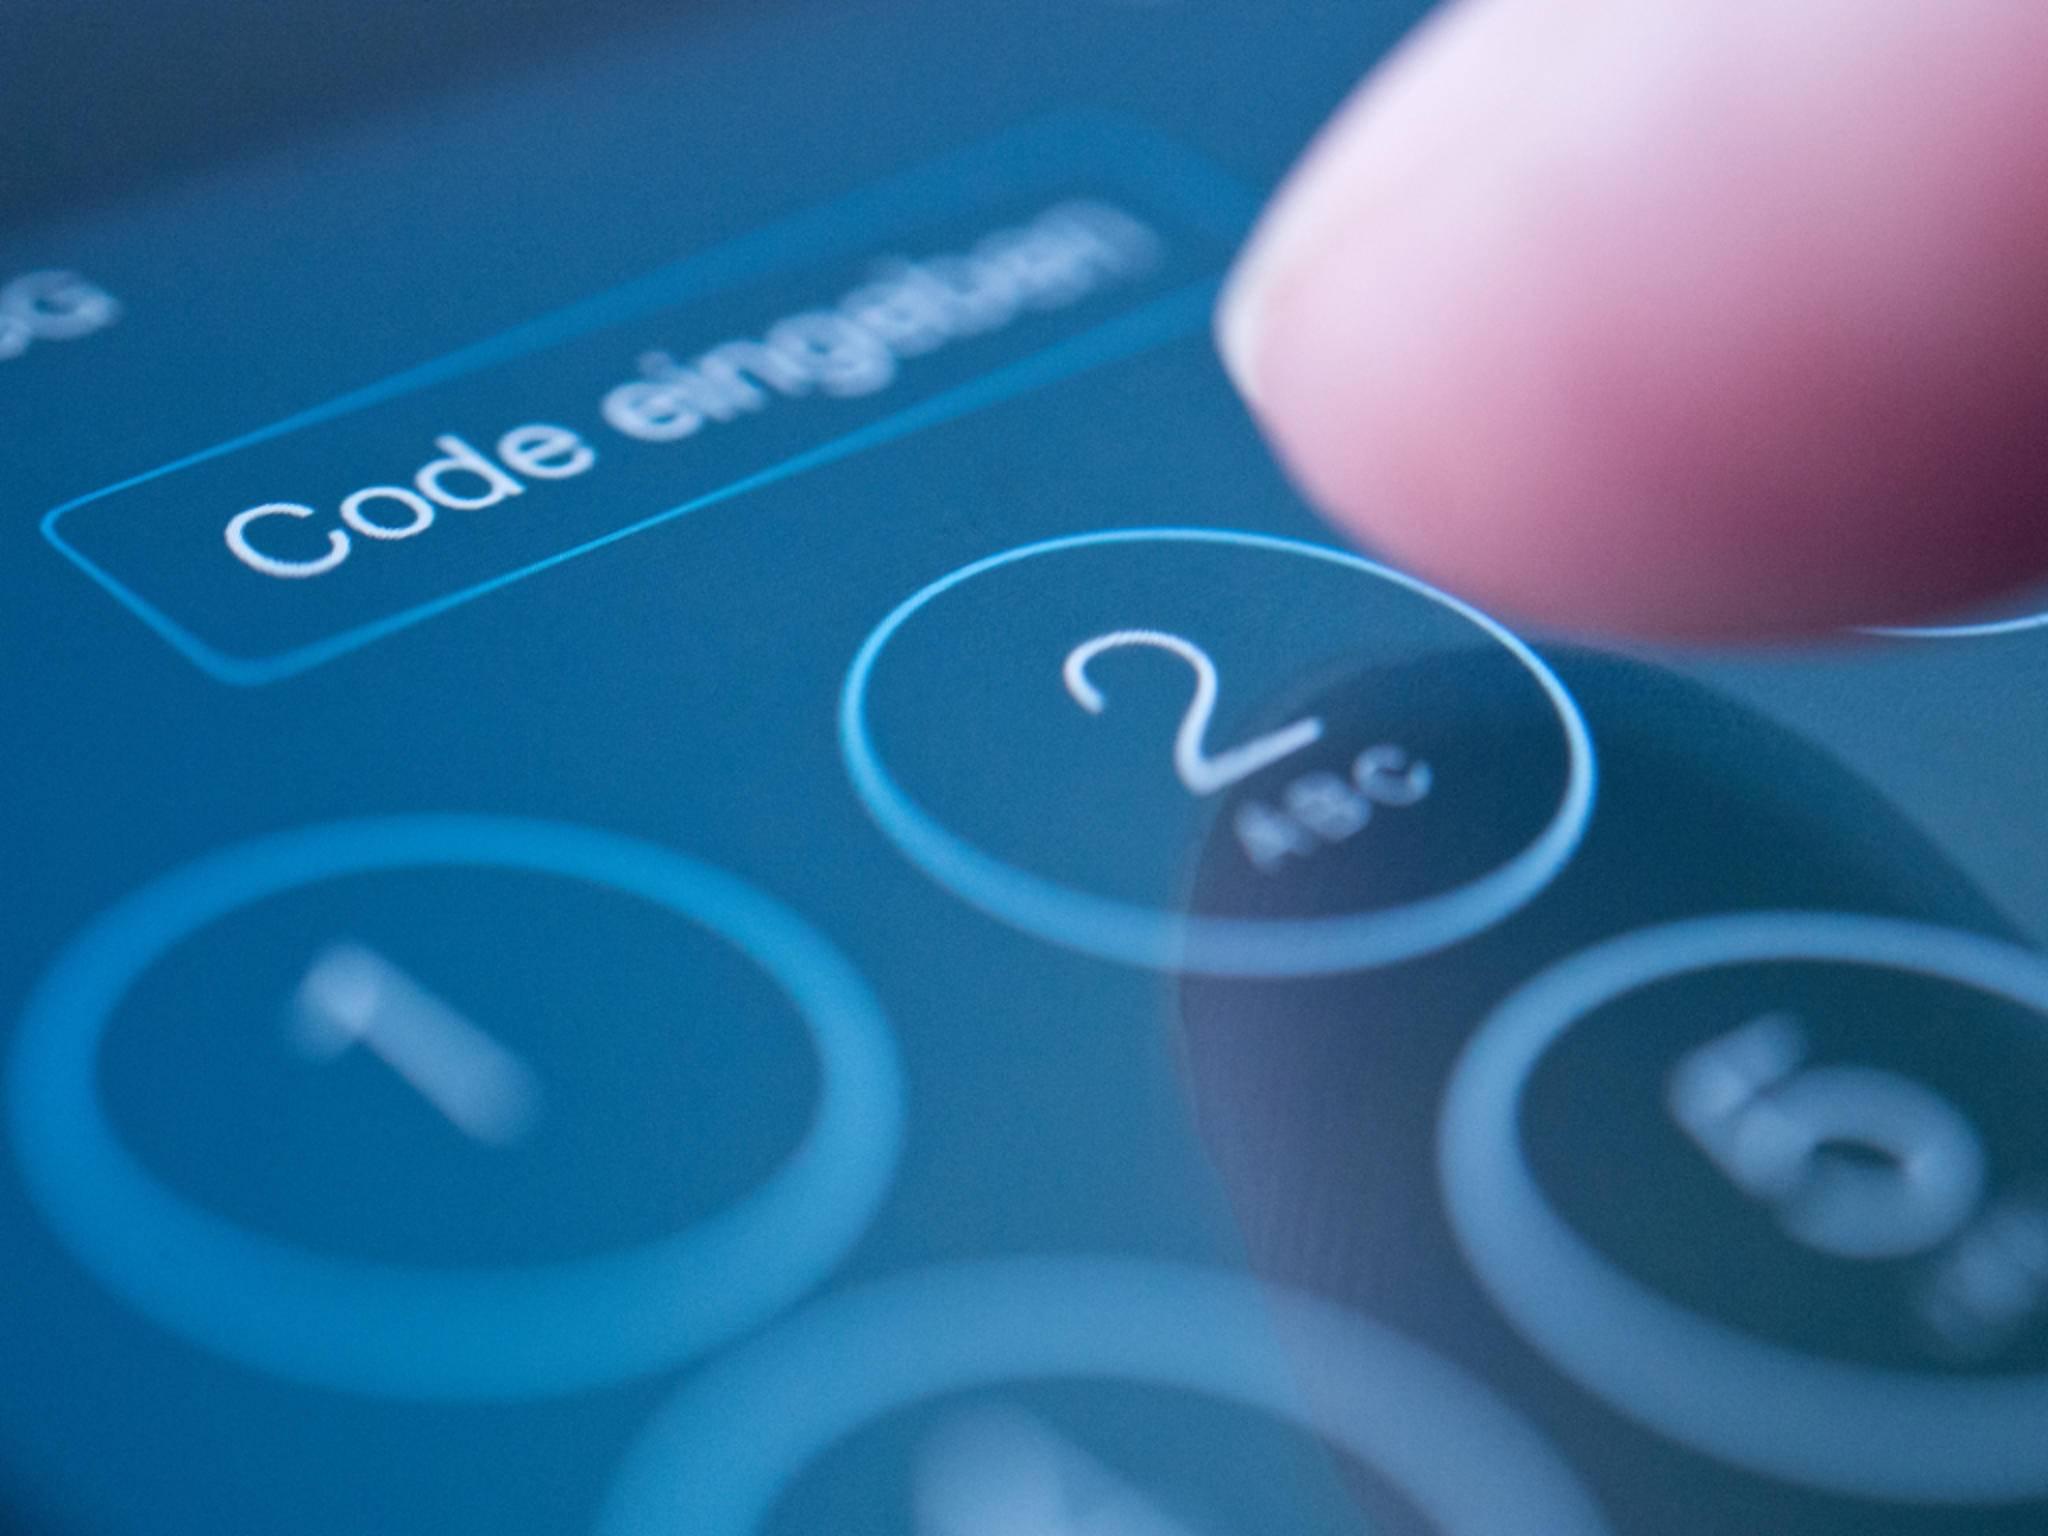 Seit zwei Monaten versucht das FBI erfolglos, ein iPhone 5c zu entsperren.